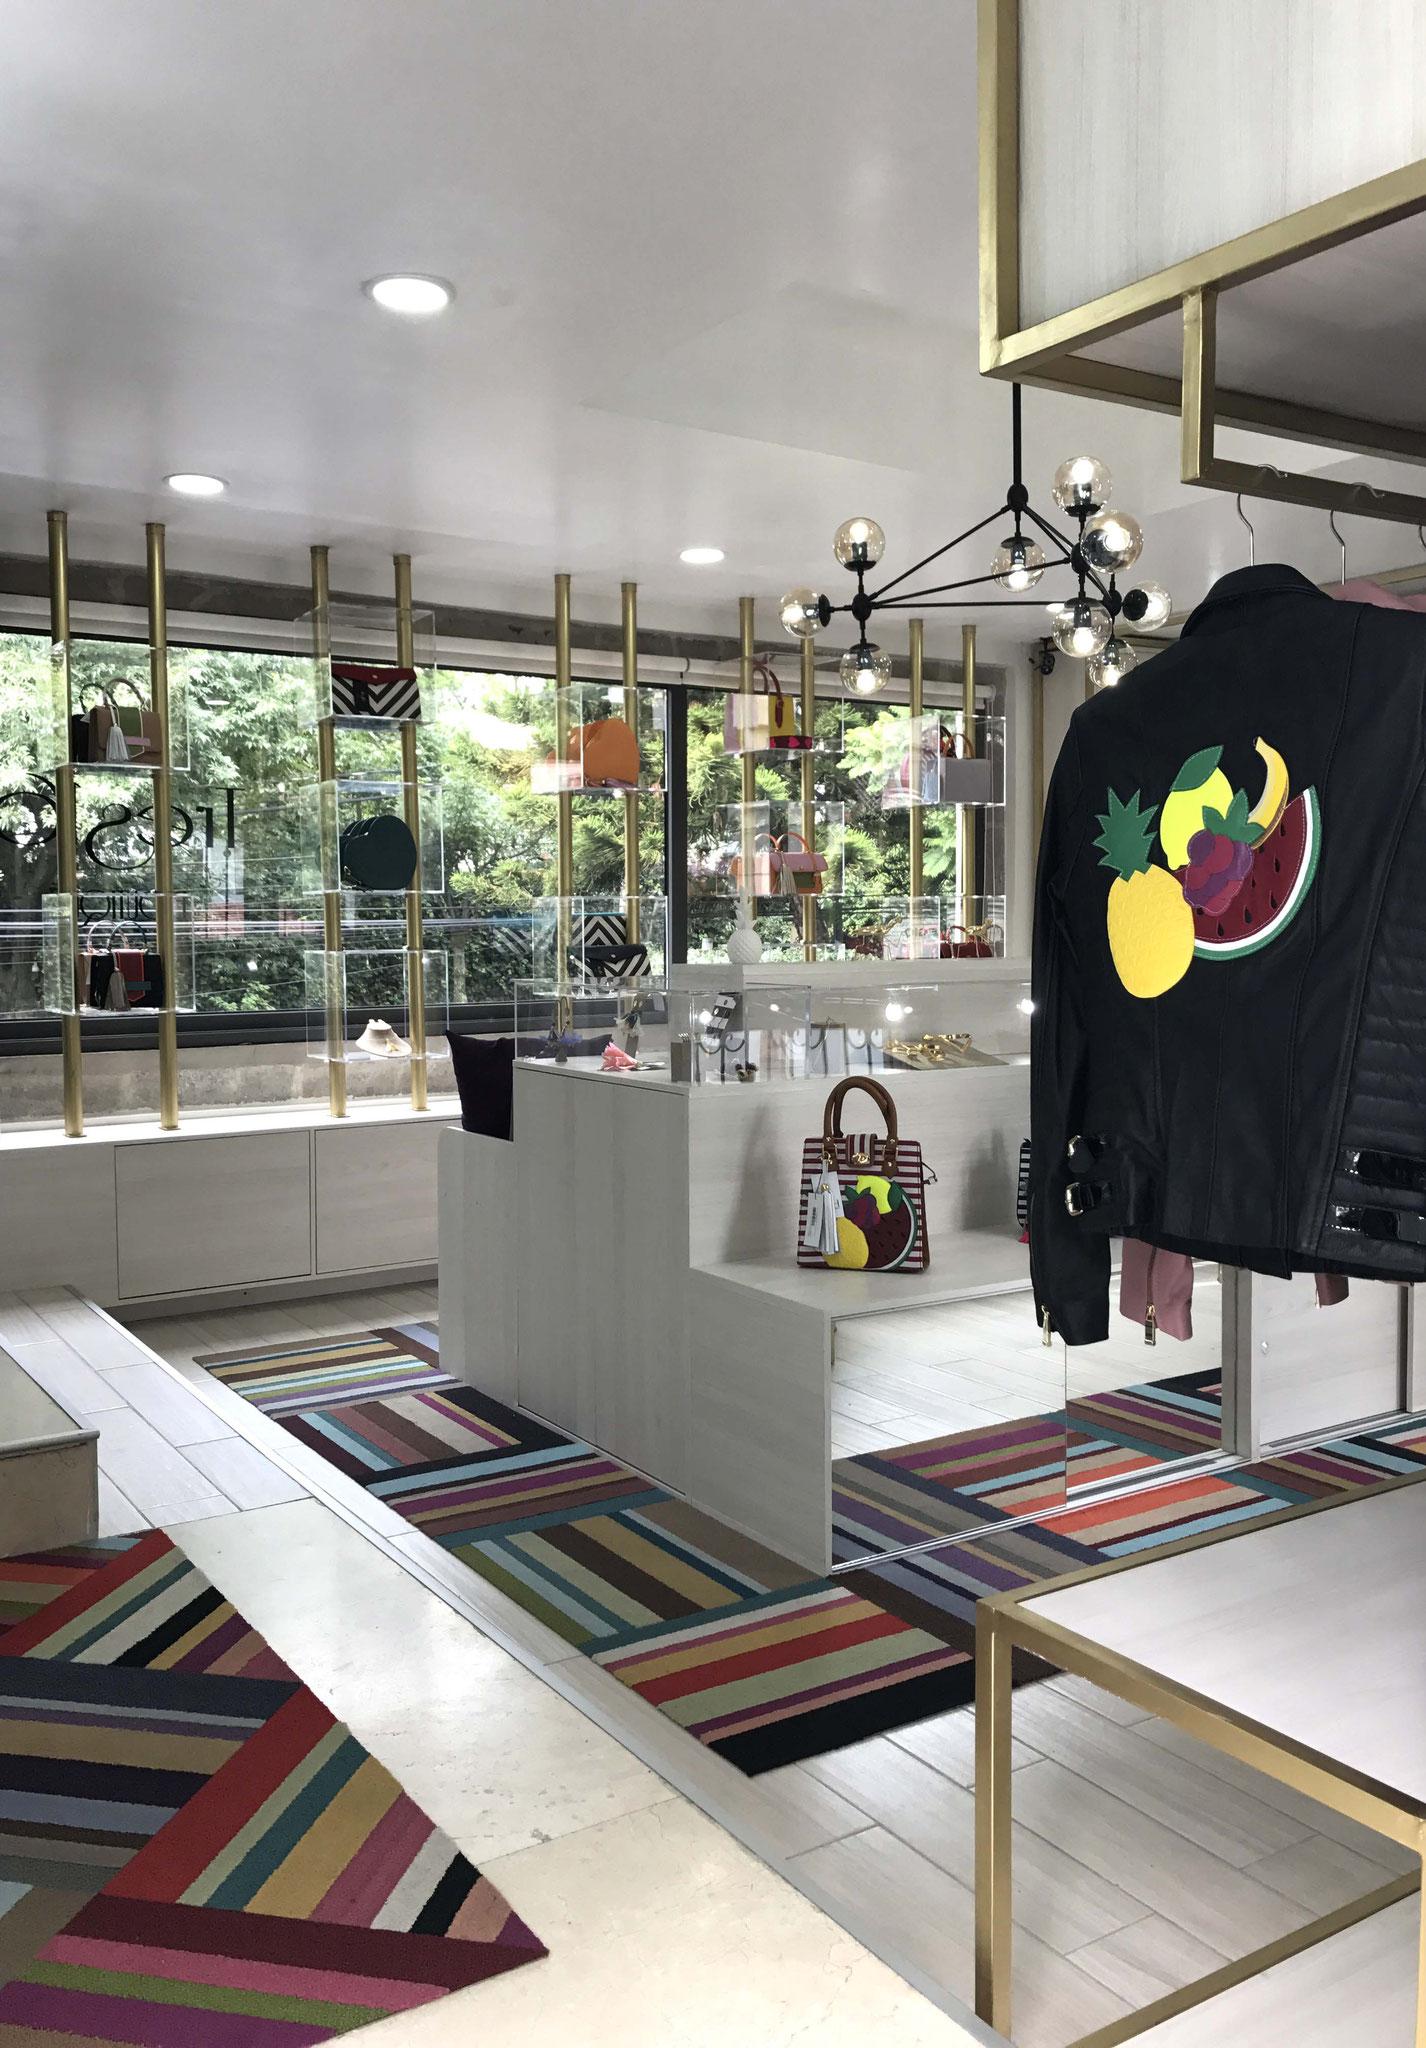 Con los colores y materiales adecuados se logra un lugar confortable y relajado, el ideal para un local comercial.